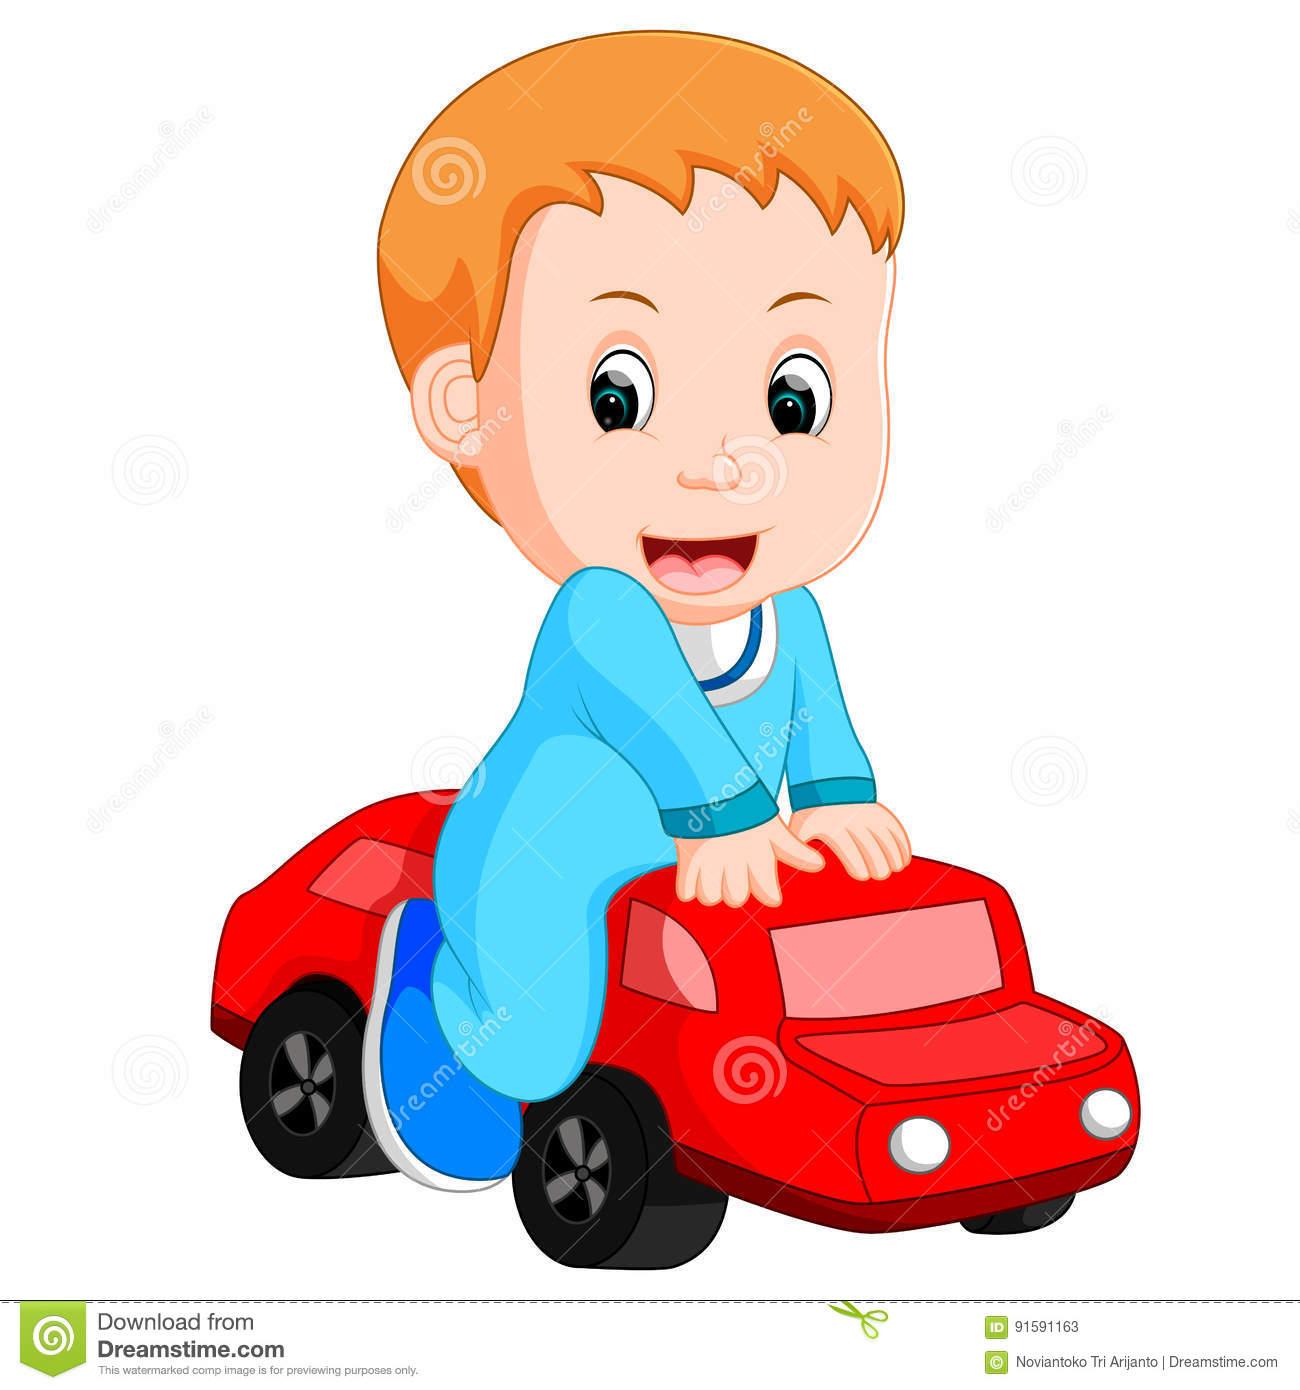 Jeux De Bébé Garçon Avec Une Voiture De Jouet Illustration concernant Jeux Voiture Bebe